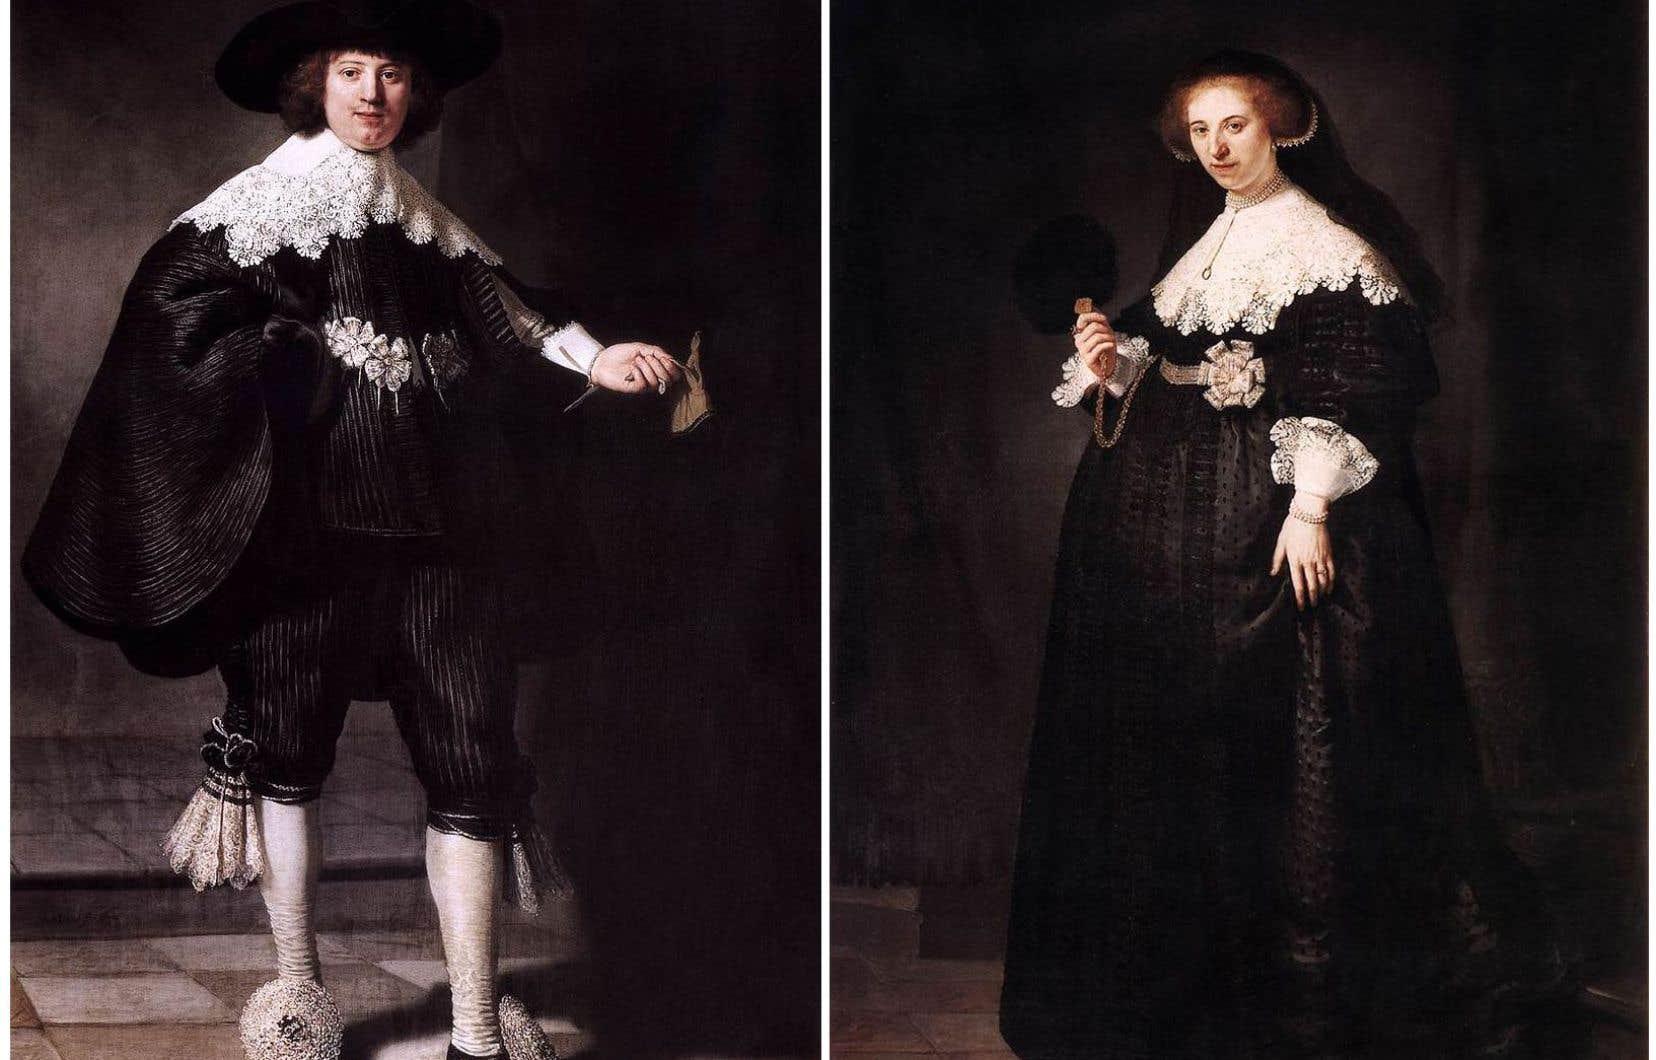 Les portraits de Maerten Soolmans et Oopjen Coppit à la veille de leur mariage seront exposés ensemble, alternativement au Louvre et au Rijksmuseum.